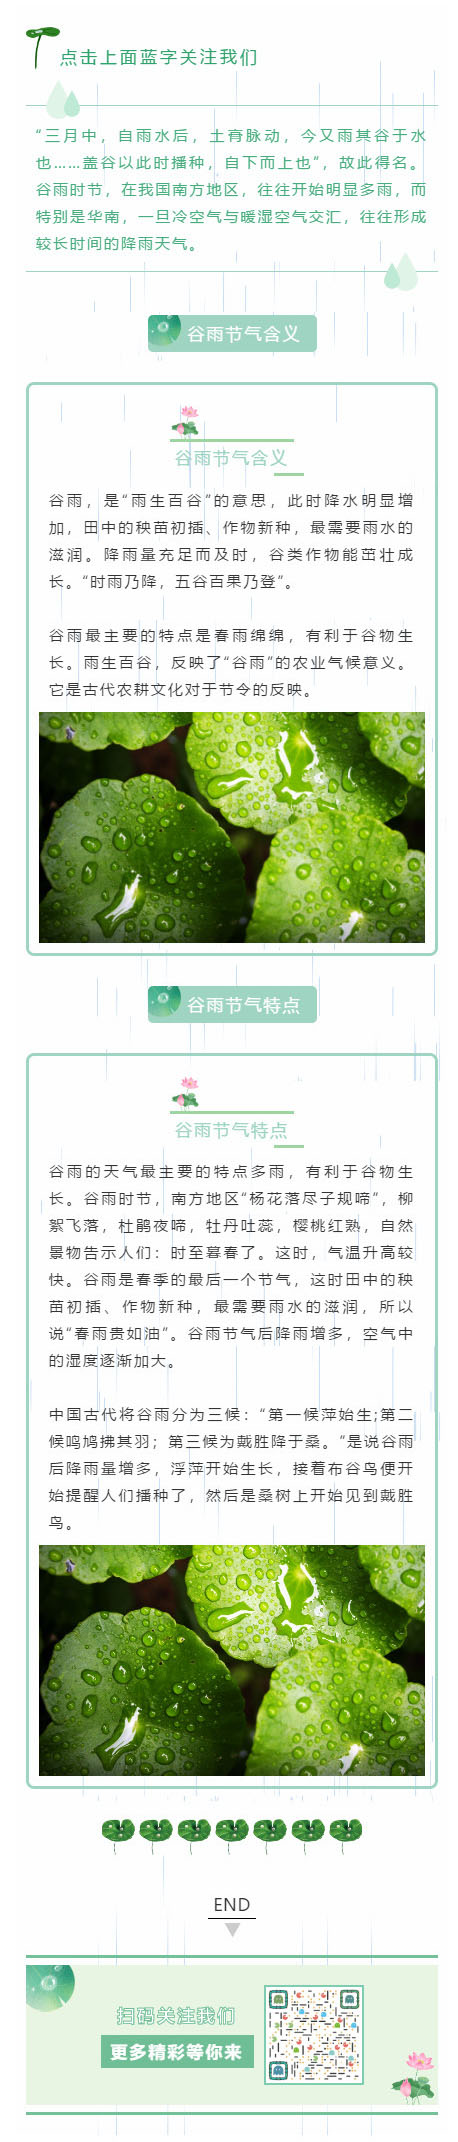 谷雨节二十四节气绿色动态背景水滴微信模板公众号推送文章模板